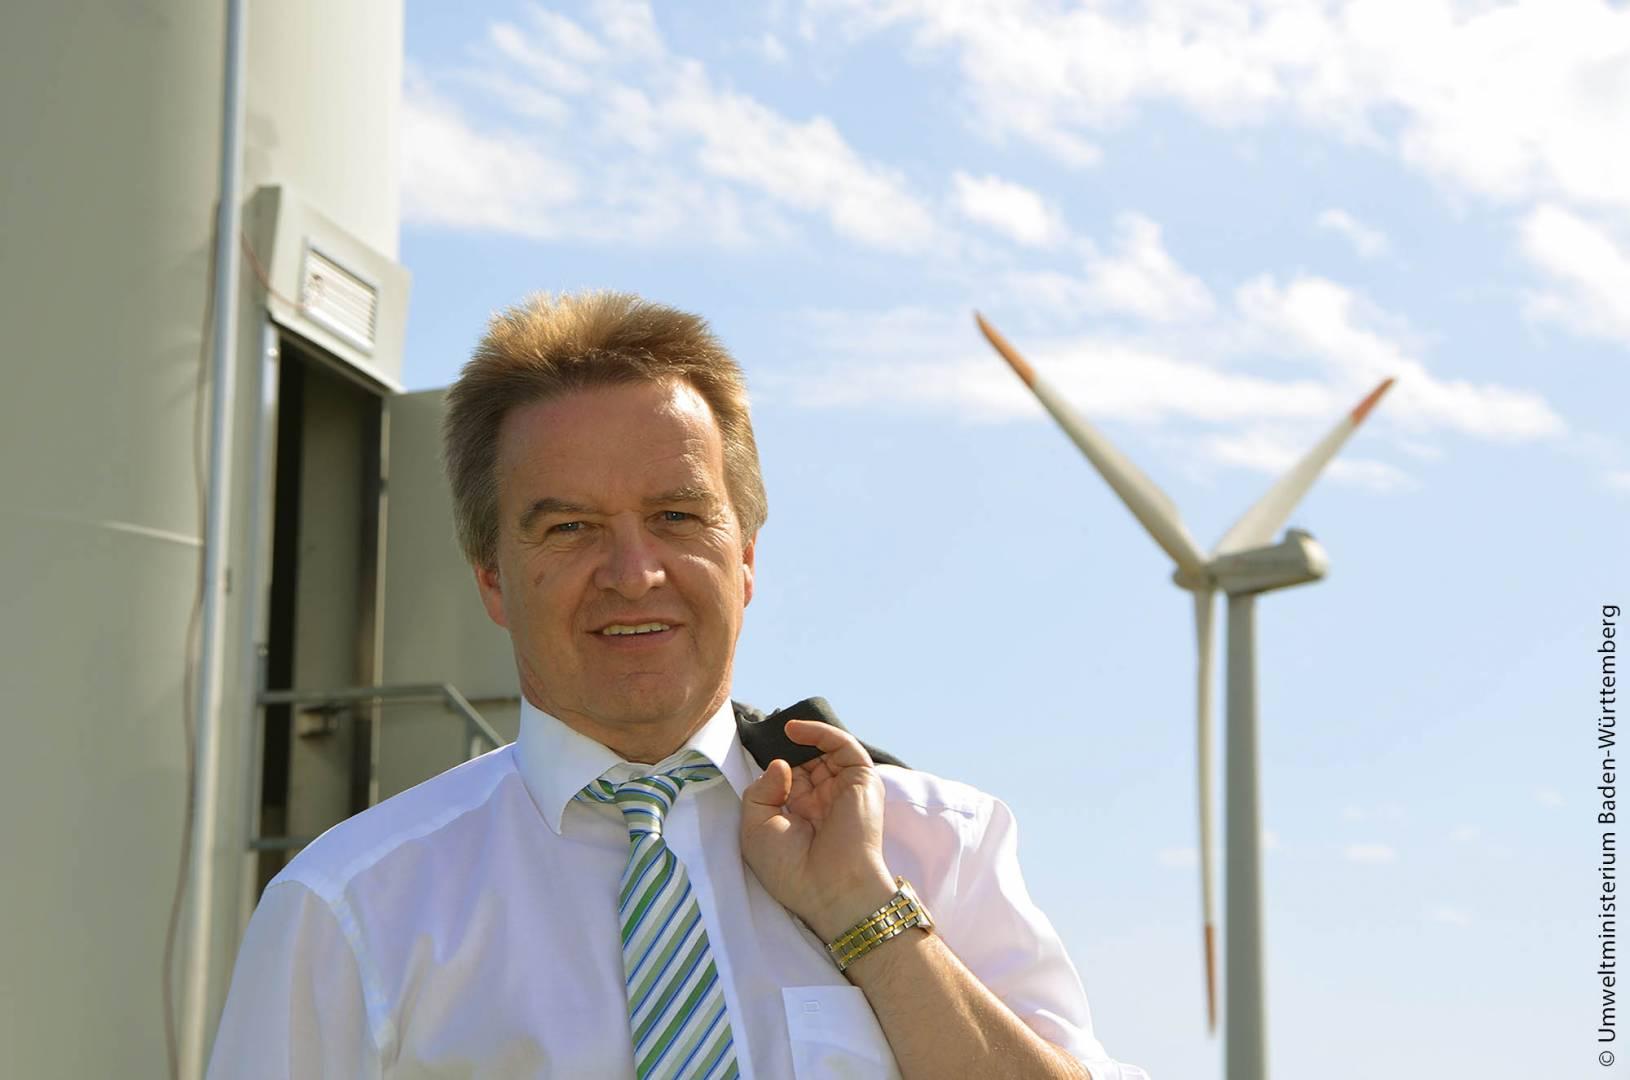 Umwelt- und Energieminister Franz Untersteller ist der Meinung, dass die Energiewende nur bewältigt werden kann, wenn zukünftige Standortentscheidungen gemeinsam mit den Bürgern getroffen werden.